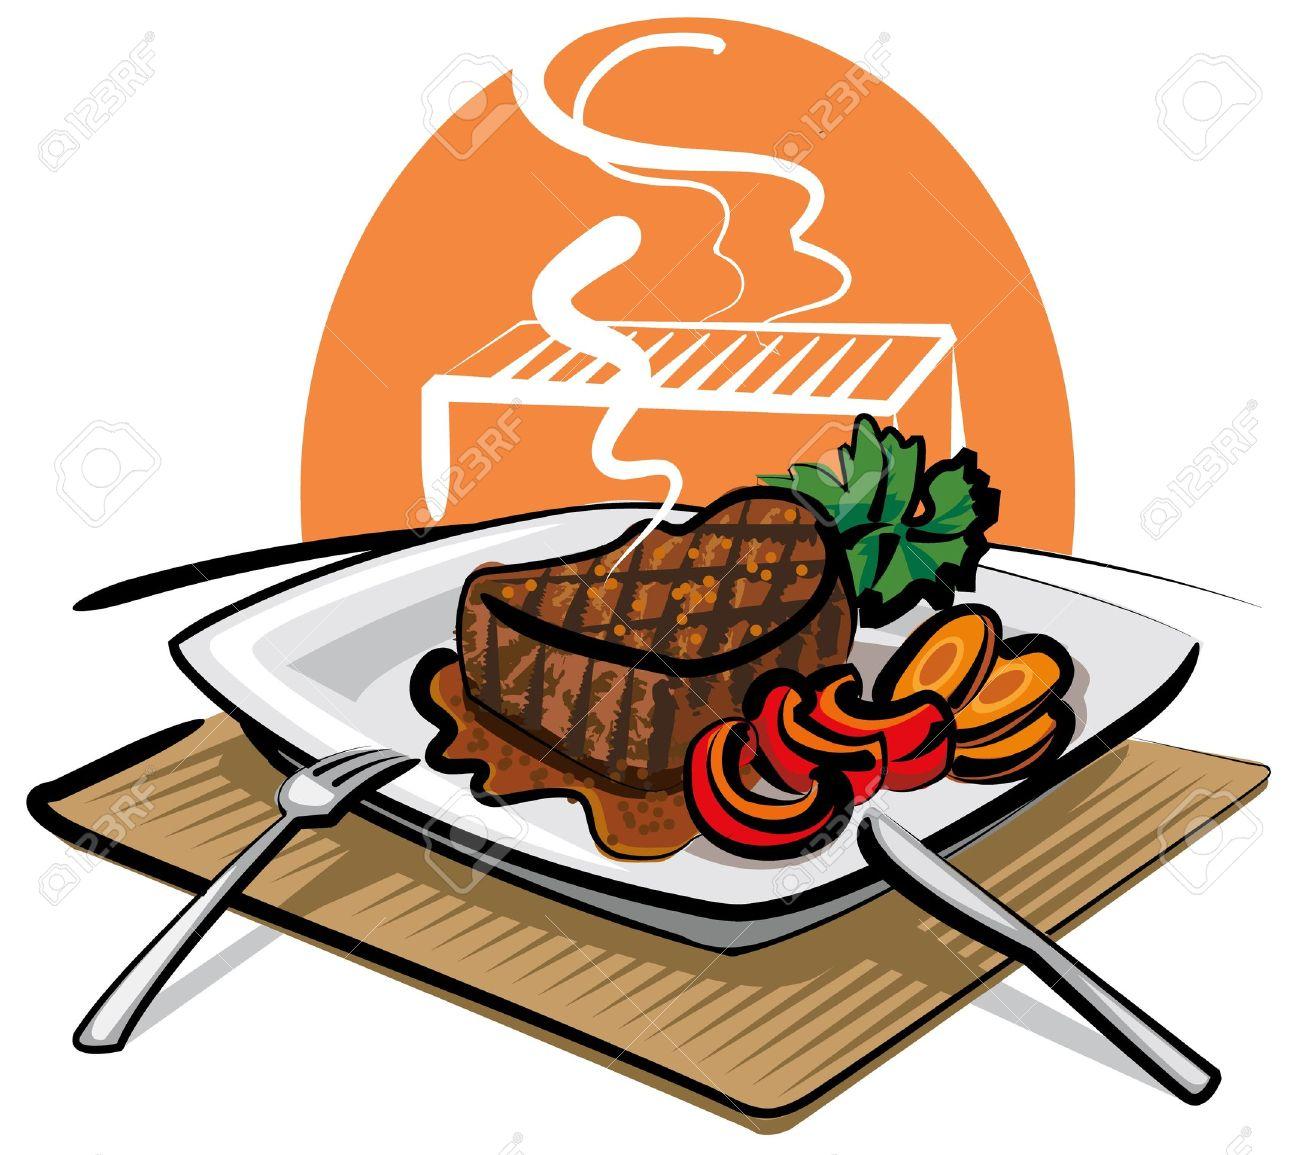 Free steak dinner clipart.